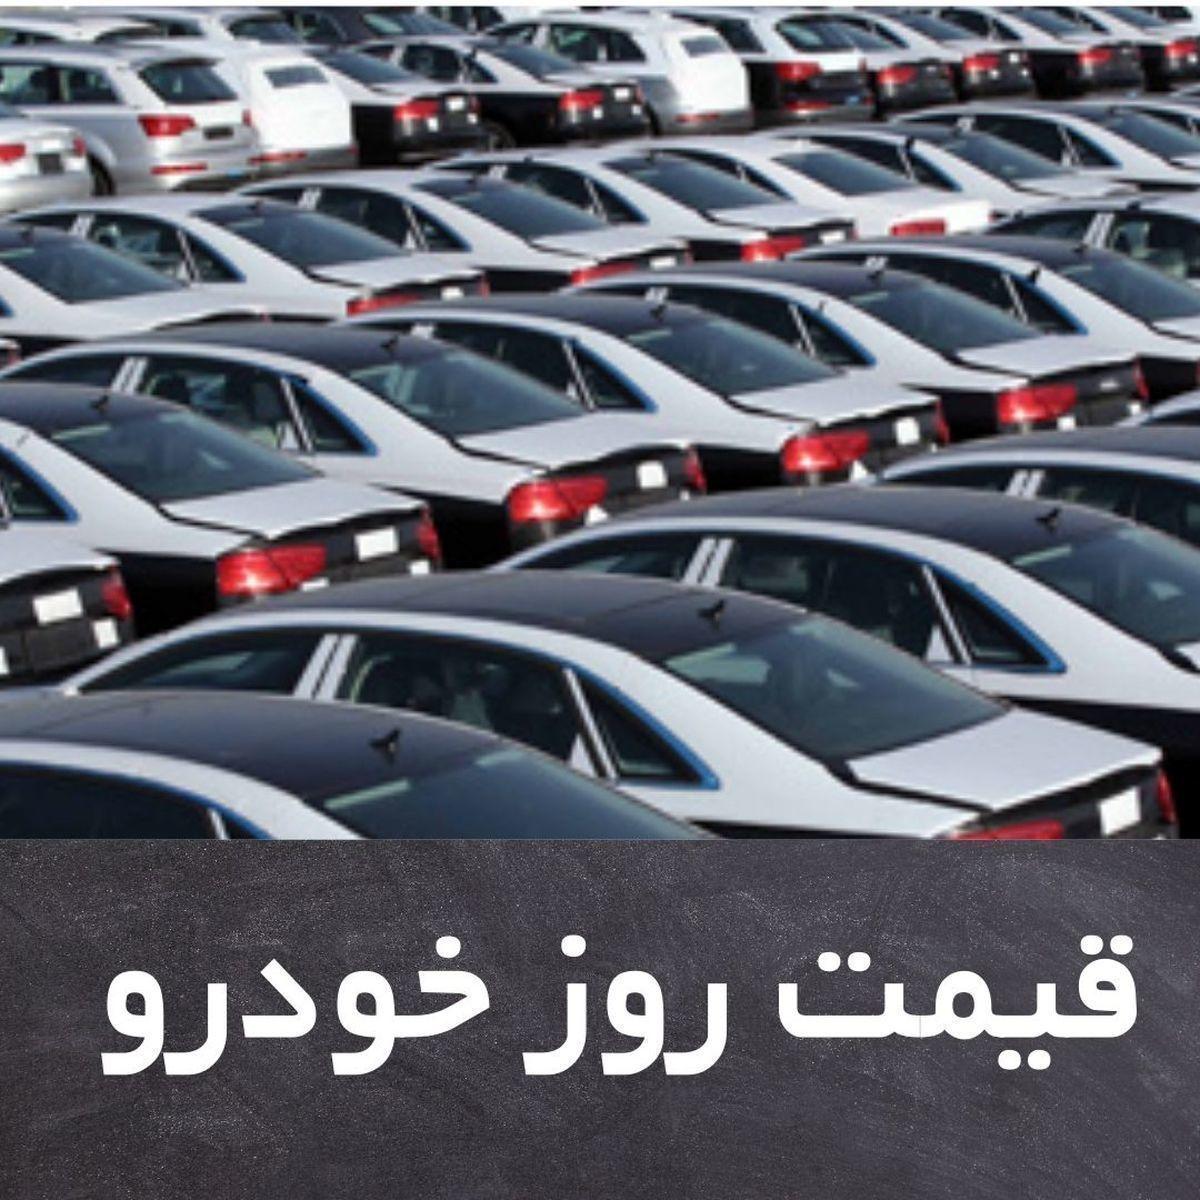 قیمت روز خودرو پنجشنبه 23 اردیبهشت + جدول